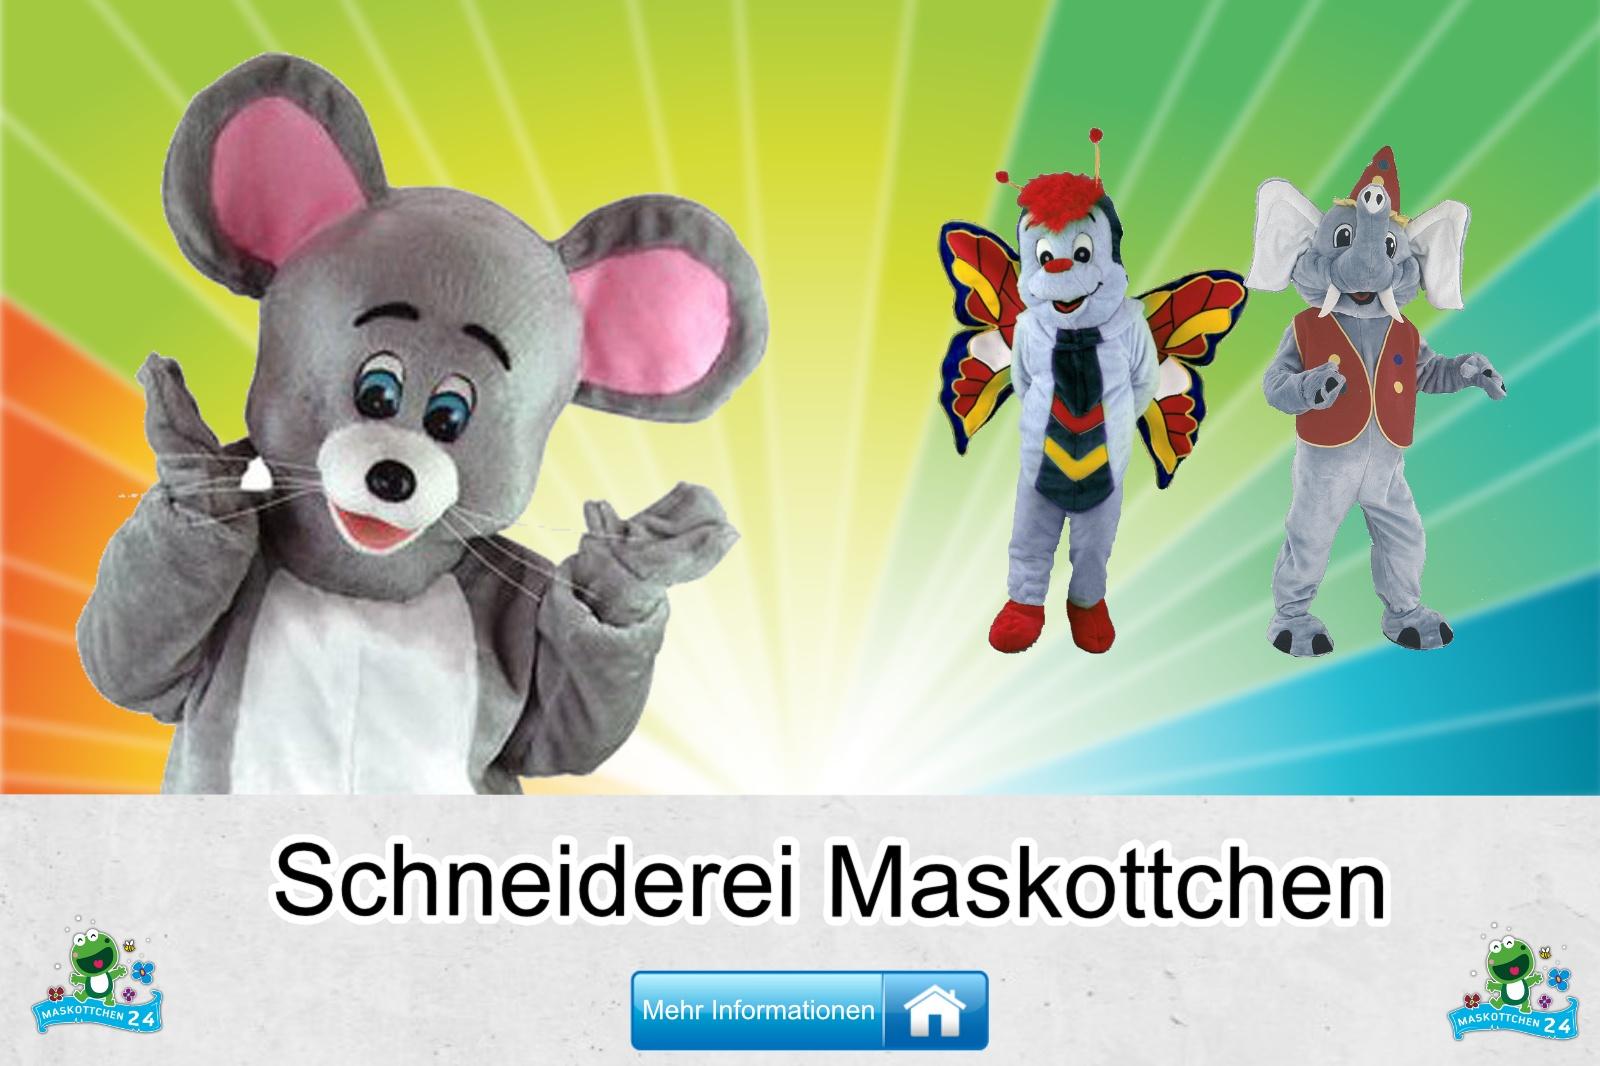 Die Schneiderei, Maskottchen Kostüm kaufen, günstige Produktion und Herstellung.